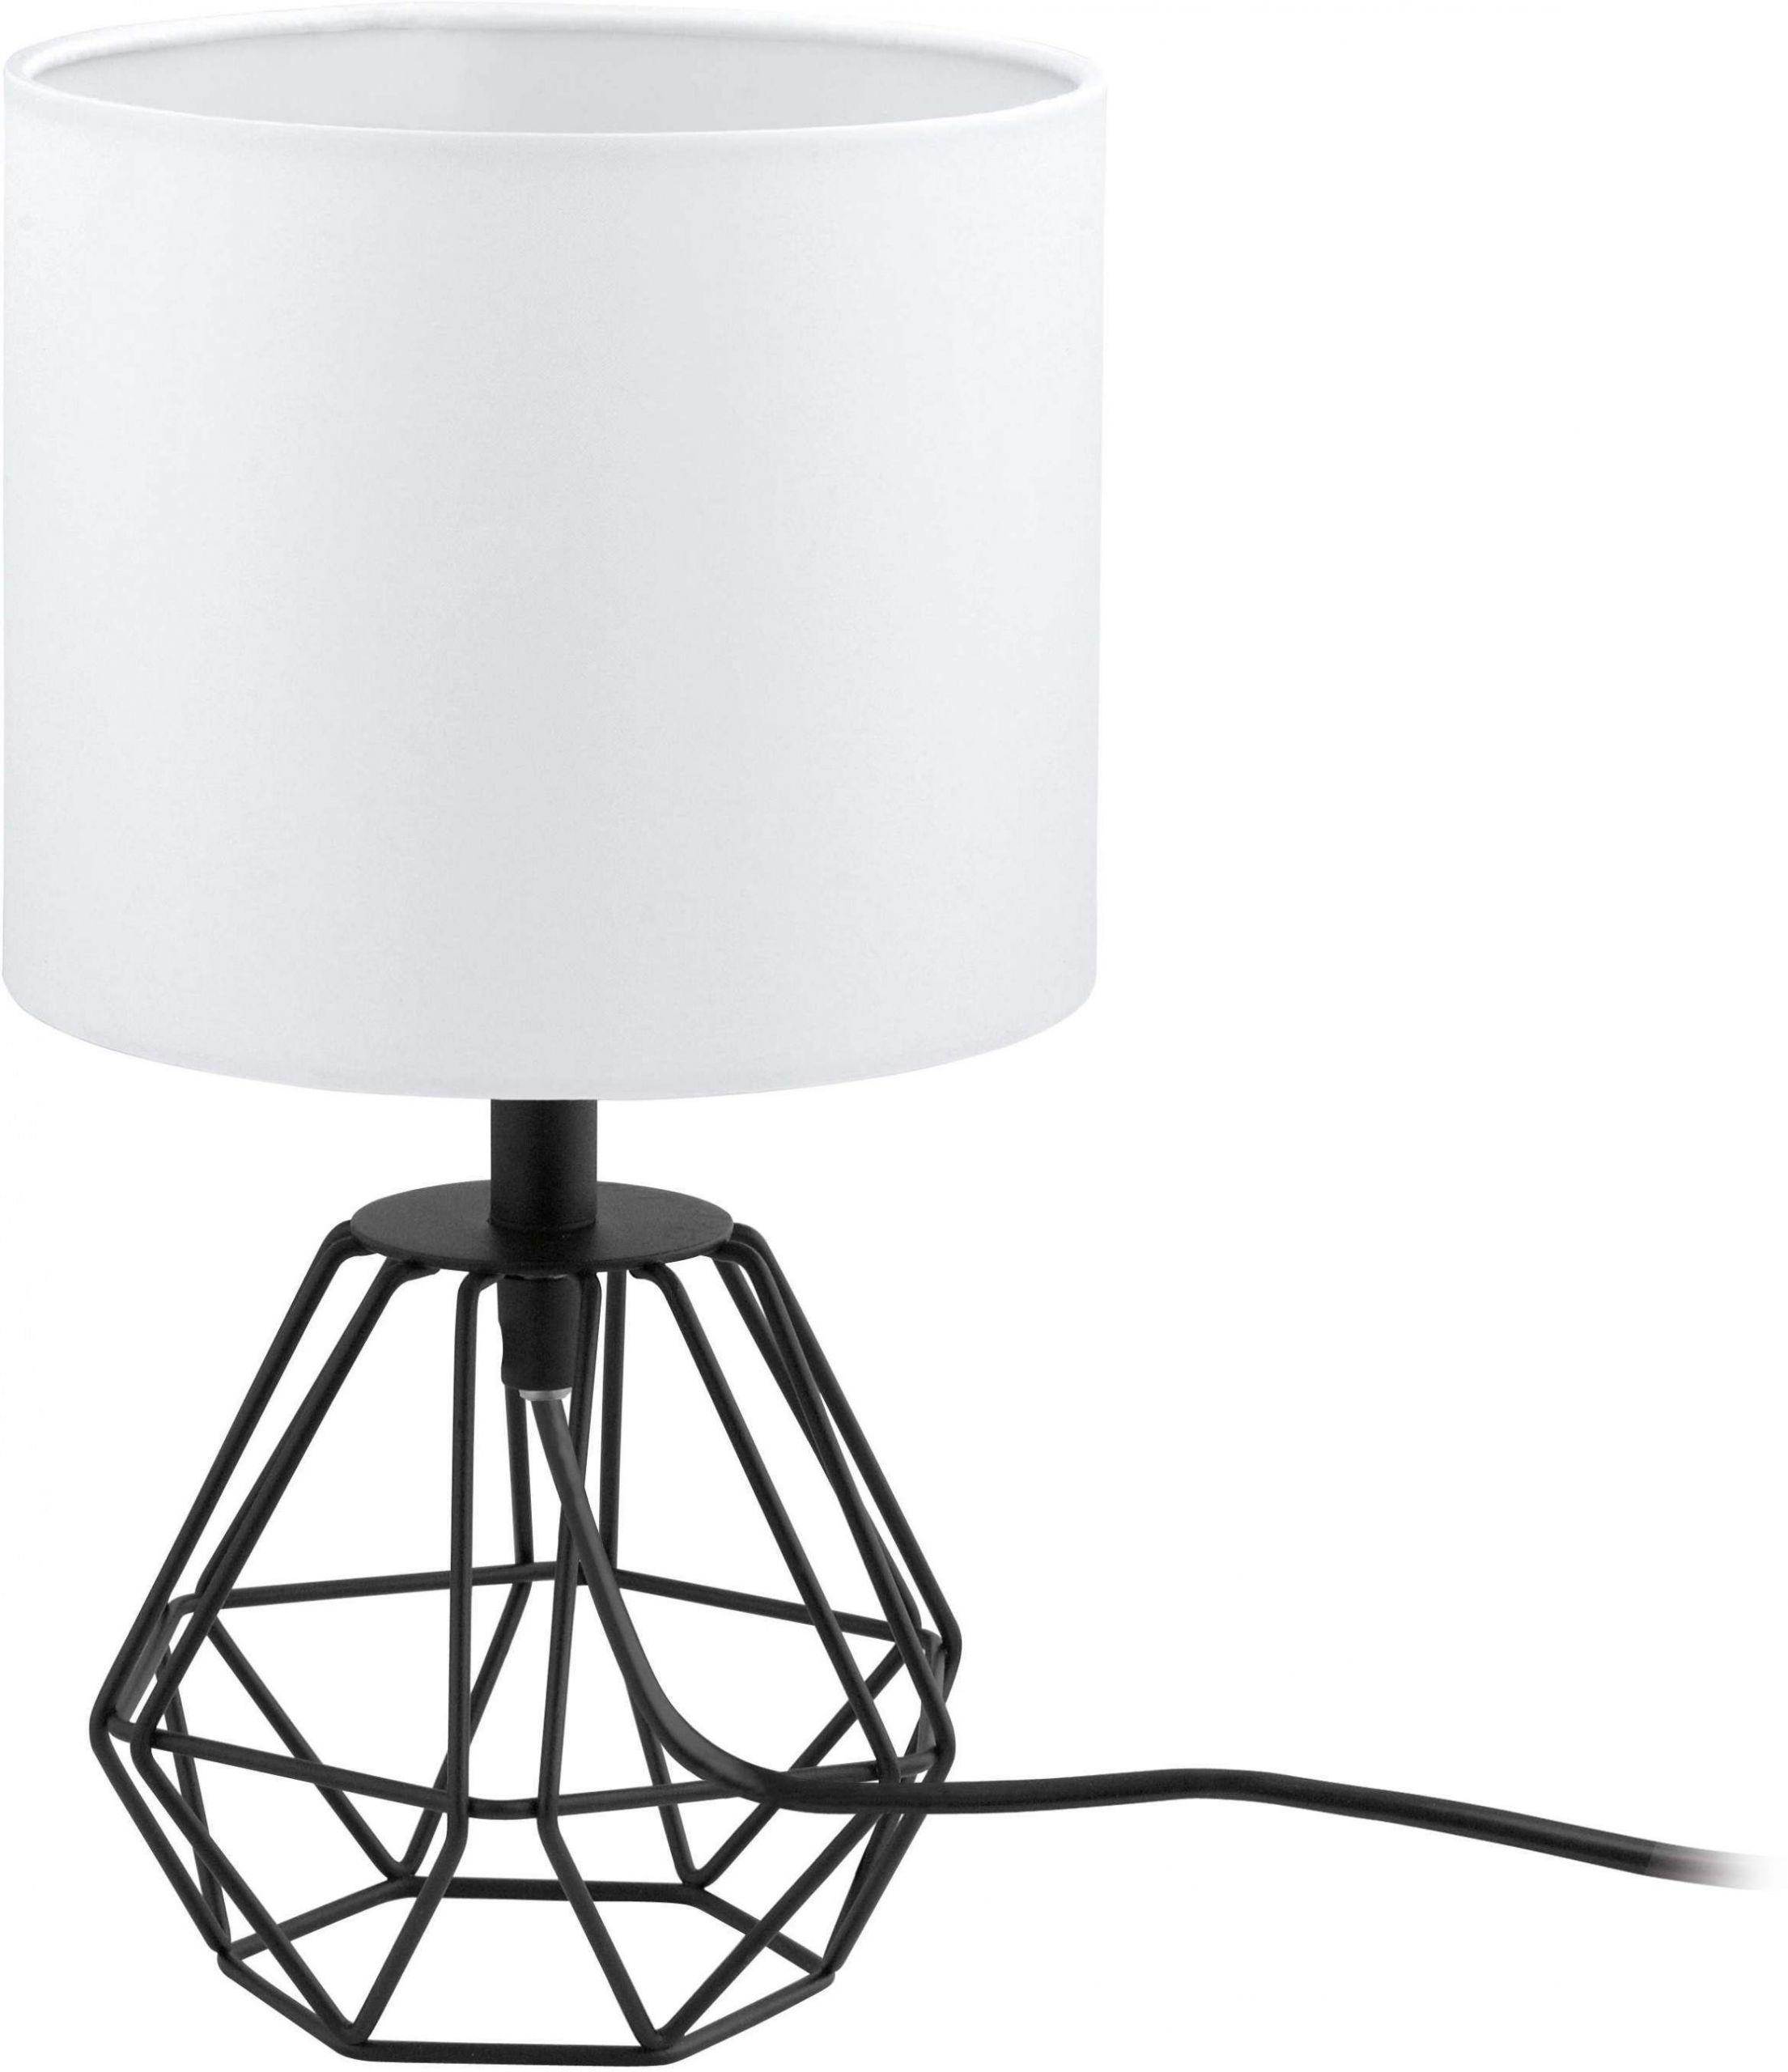 Full Size of Tischlampe Wohnzimmer Lampe Led Das Beste Von Inspirierend Teppiche Hängelampe Wandbilder Vorhang Stehlampe Teppich Liege Relaxliege Sessel Deko Pendelleuchte Wohnzimmer Tischlampe Wohnzimmer